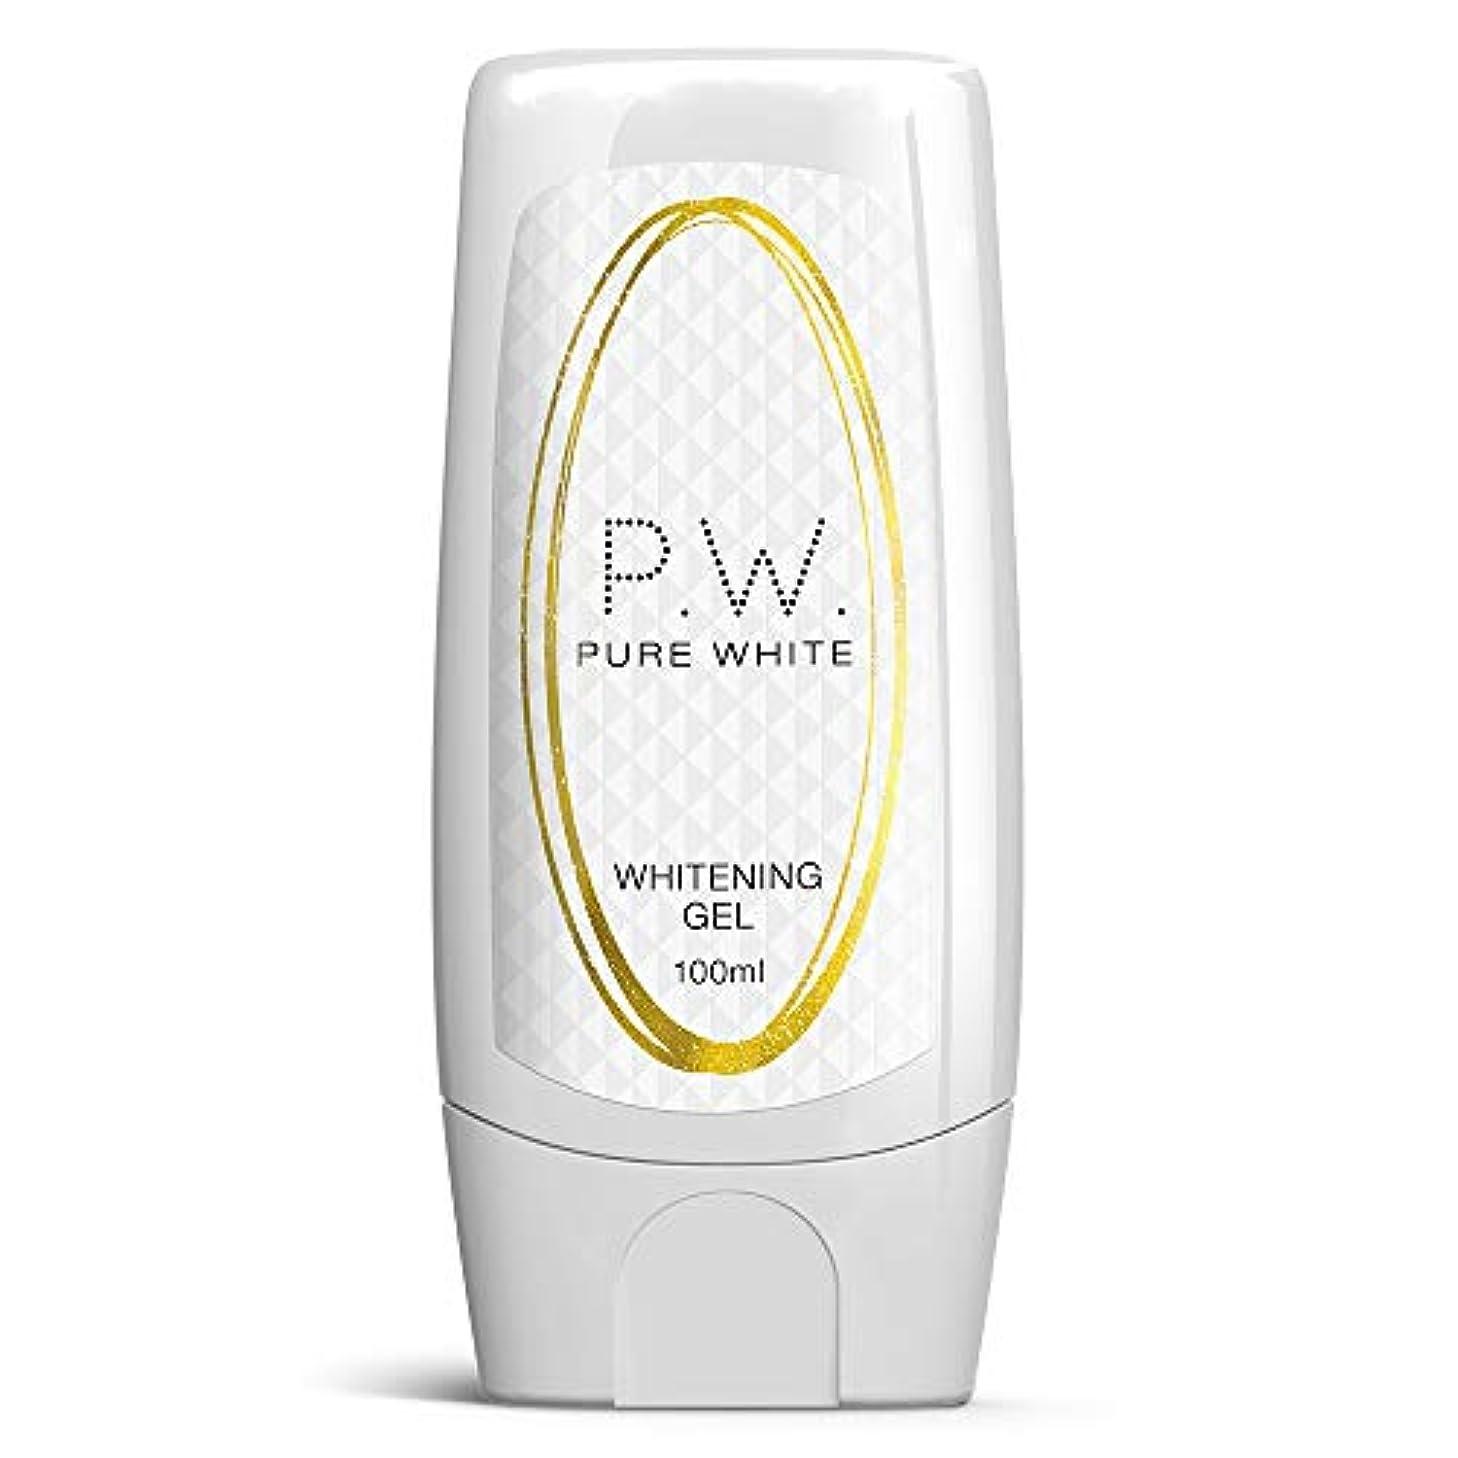 かき混ぜる化学進化Pure White Whitening Gel ピュアホワイトホワイトニングジェルの美白は、肝斑PATCHES MAXの強度を停止します Pyuahowaitohowaitoningujeru no bihaku wa...